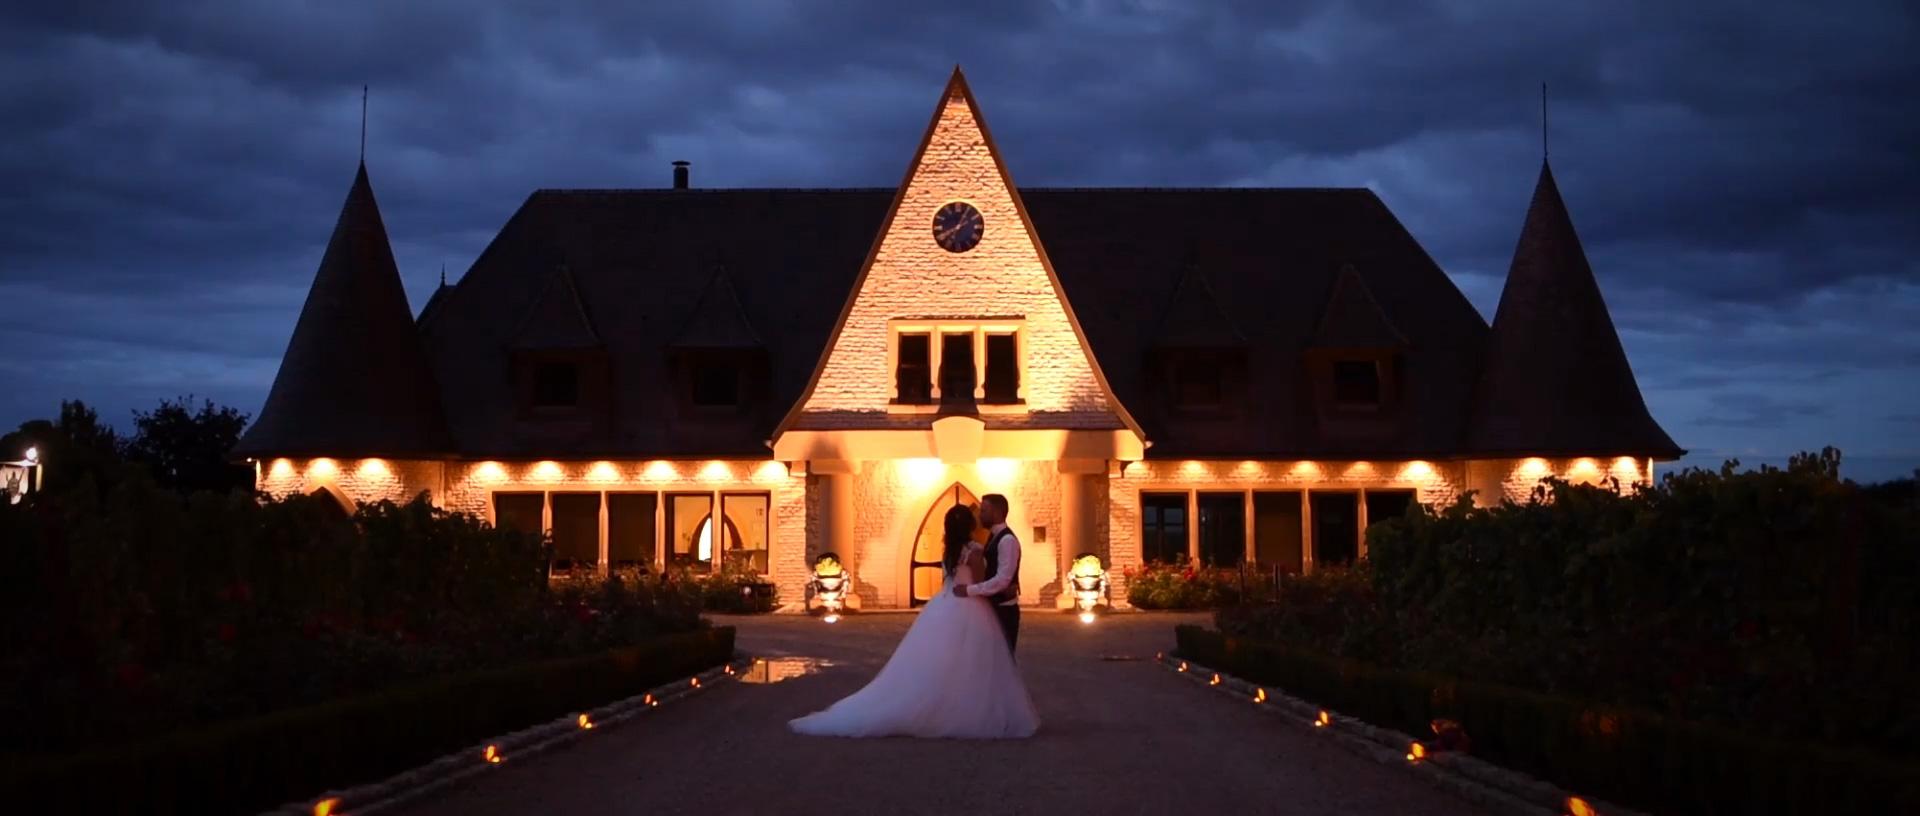 Videaste mariage Alsace - Strasbourg - Colmar - Petit Wettolsheim